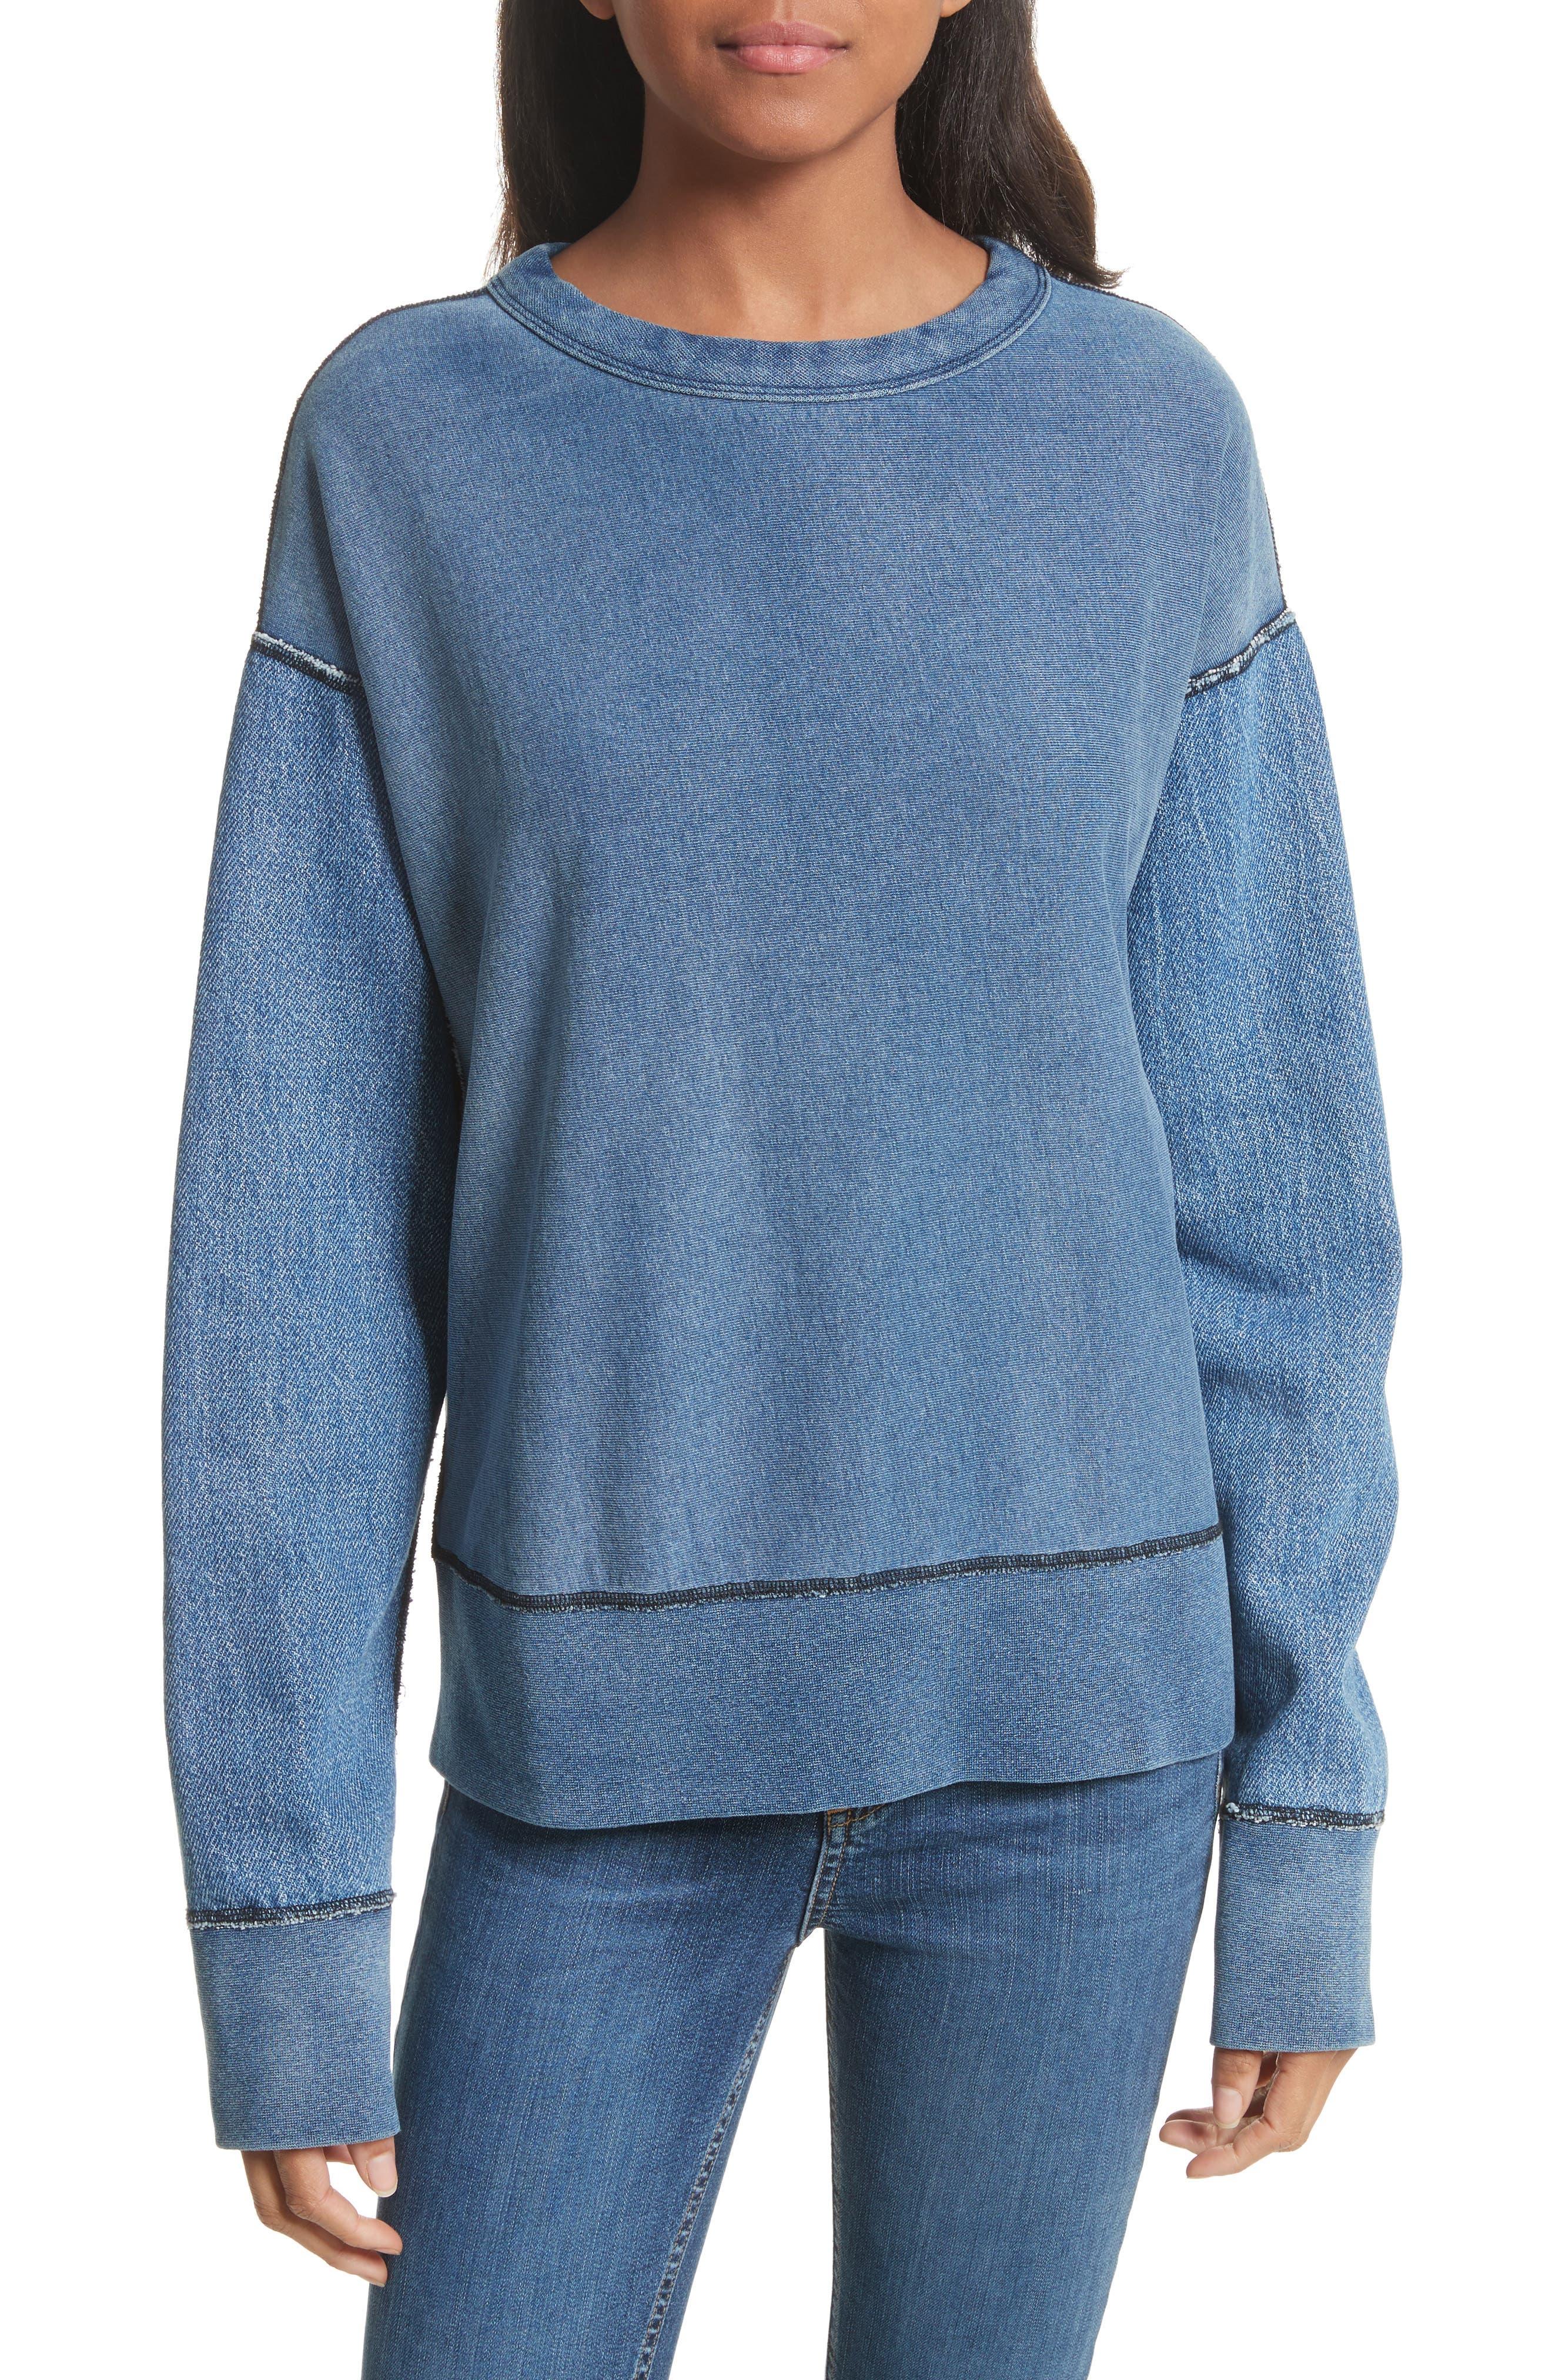 Indigo Baby Racer Sweatshirt,                         Main,                         color, Indigo